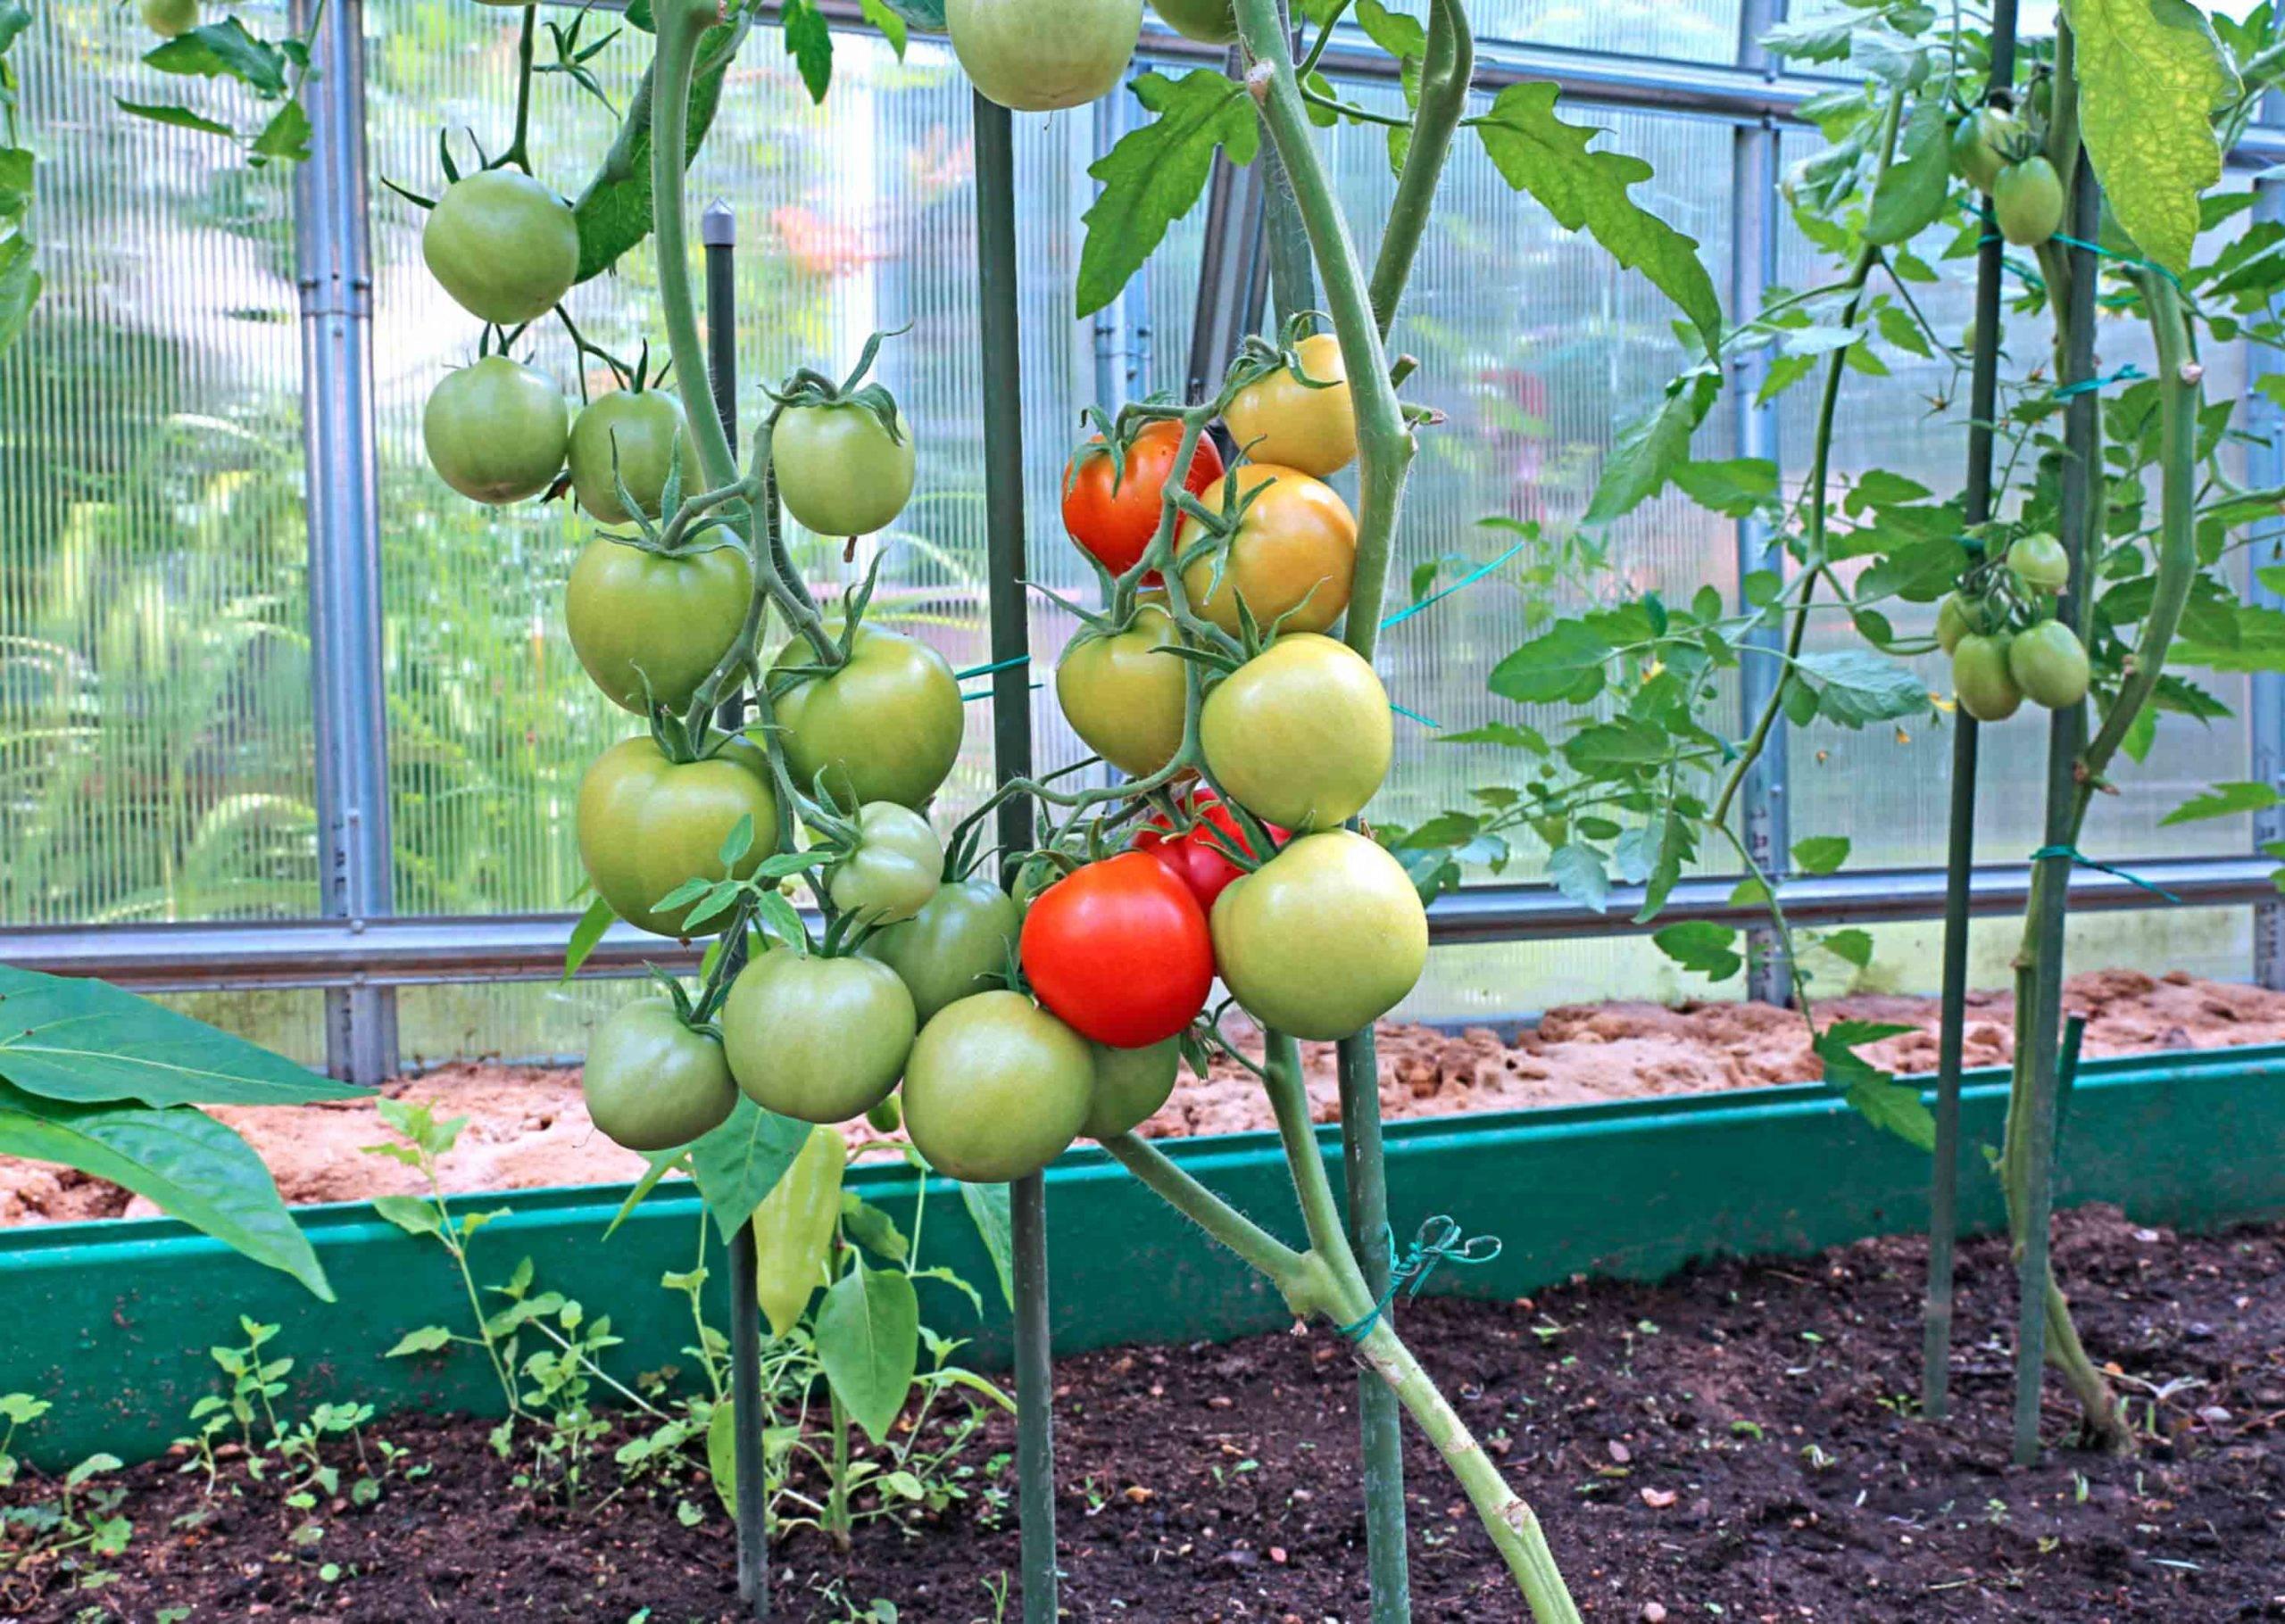 Как вырастить рассаду помидоров в теплице из поликарбоната или парнике: можно ли использовать неподготовленные семена томата и в какой срок их сеять? русский фермер